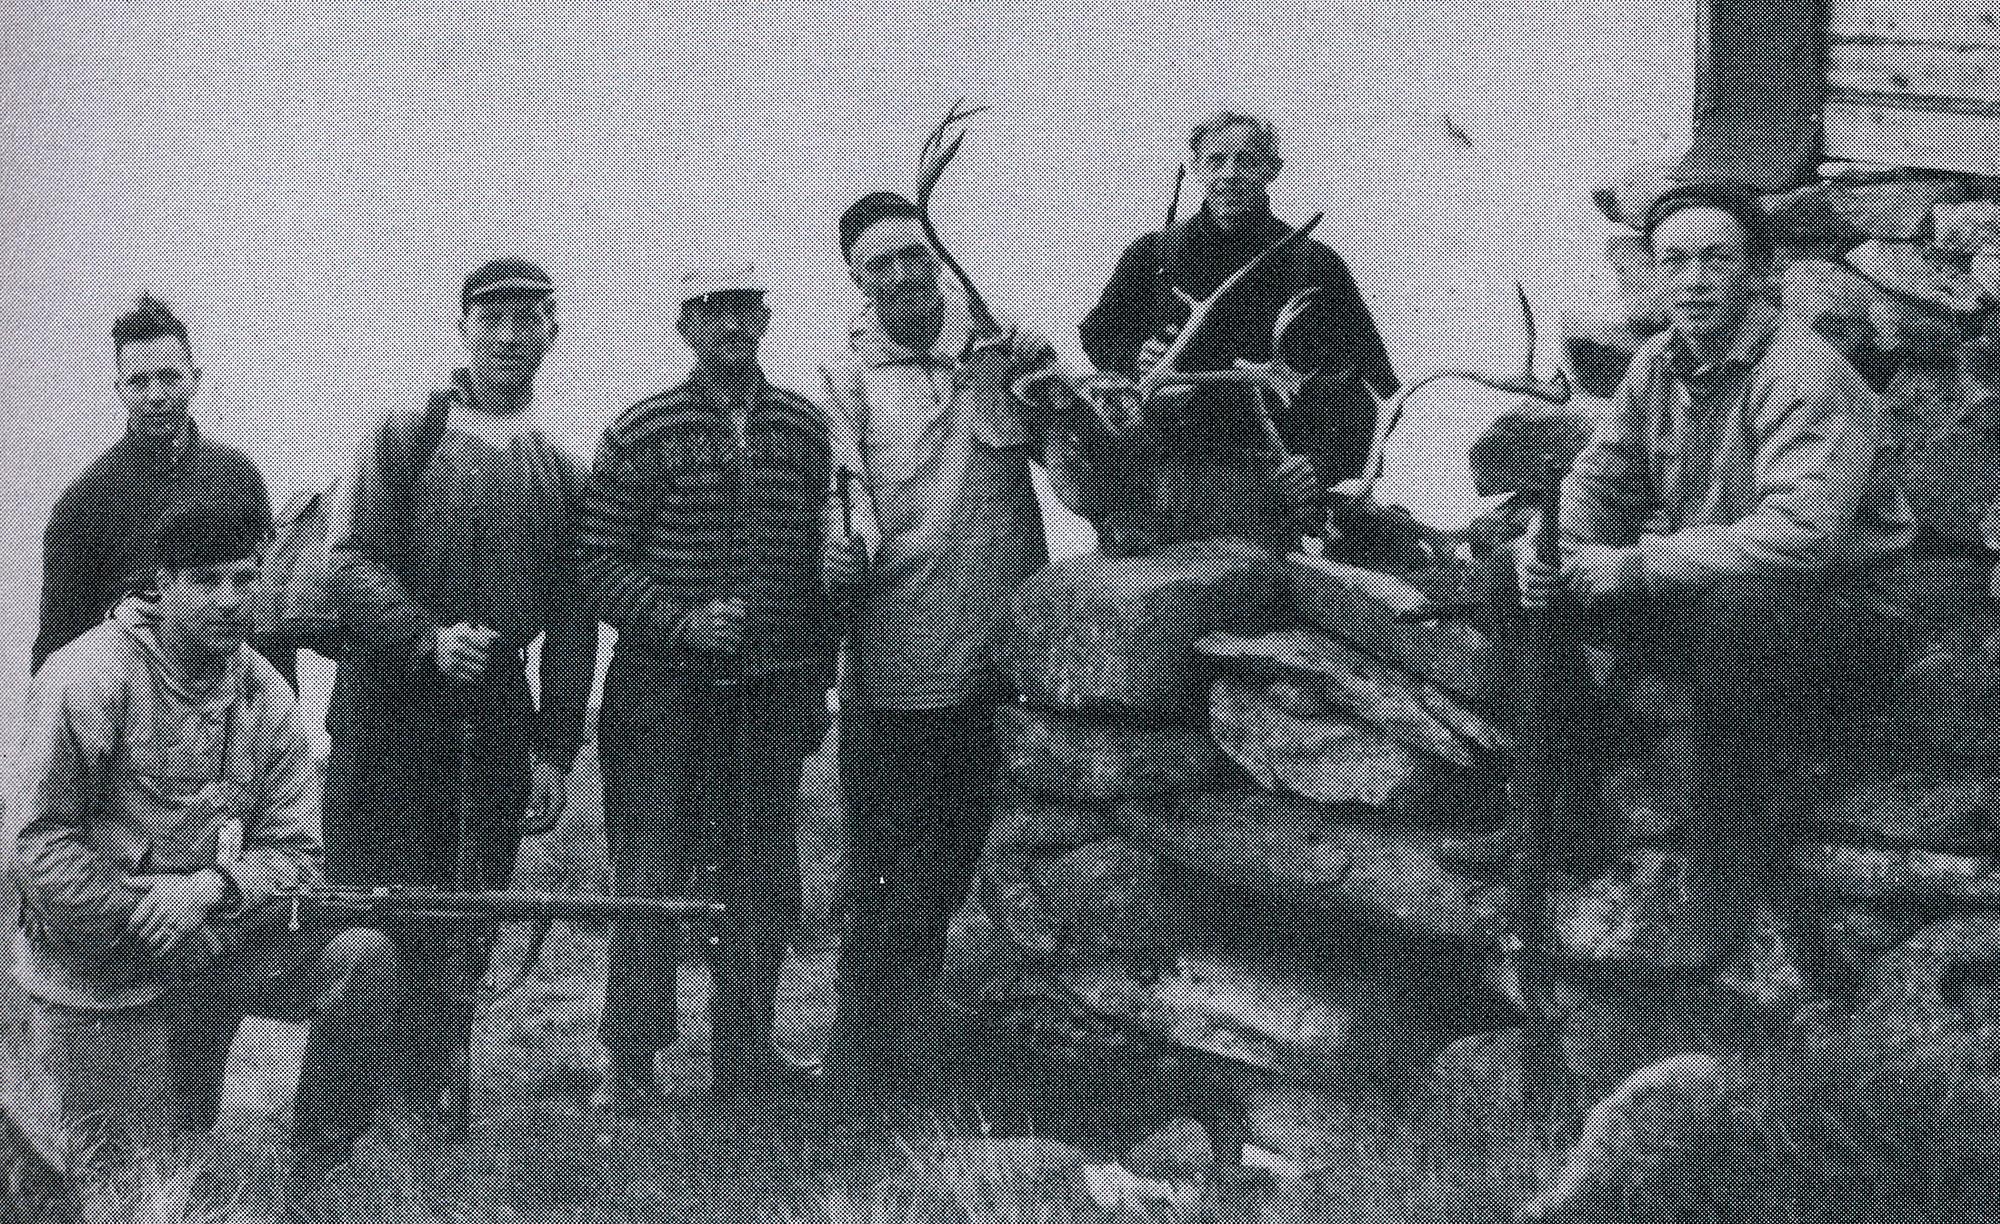 Jaktlag ved hytta Grøno i 1959, forfattaren av boka Aslak Himle lengst til høgre, han var 18 år den gongen. Illustrasjon frå boka